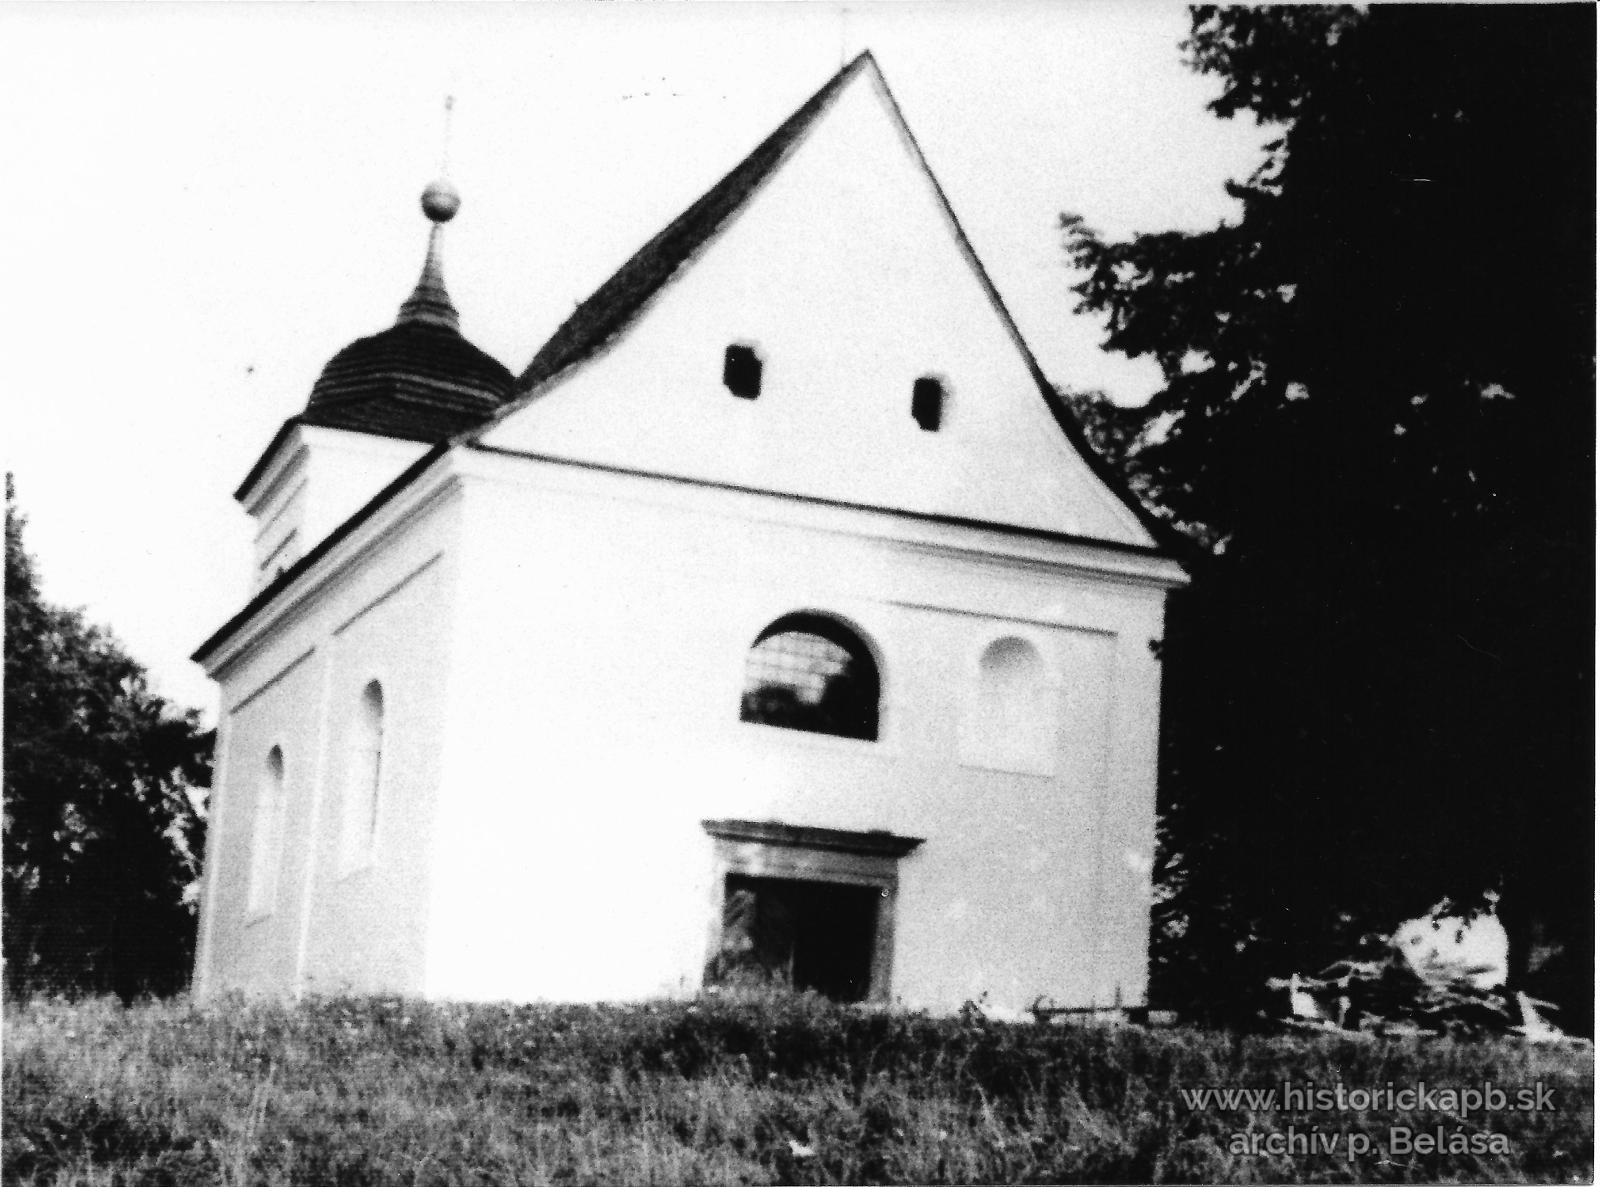 kaplnka_sv_heleny_1969_v